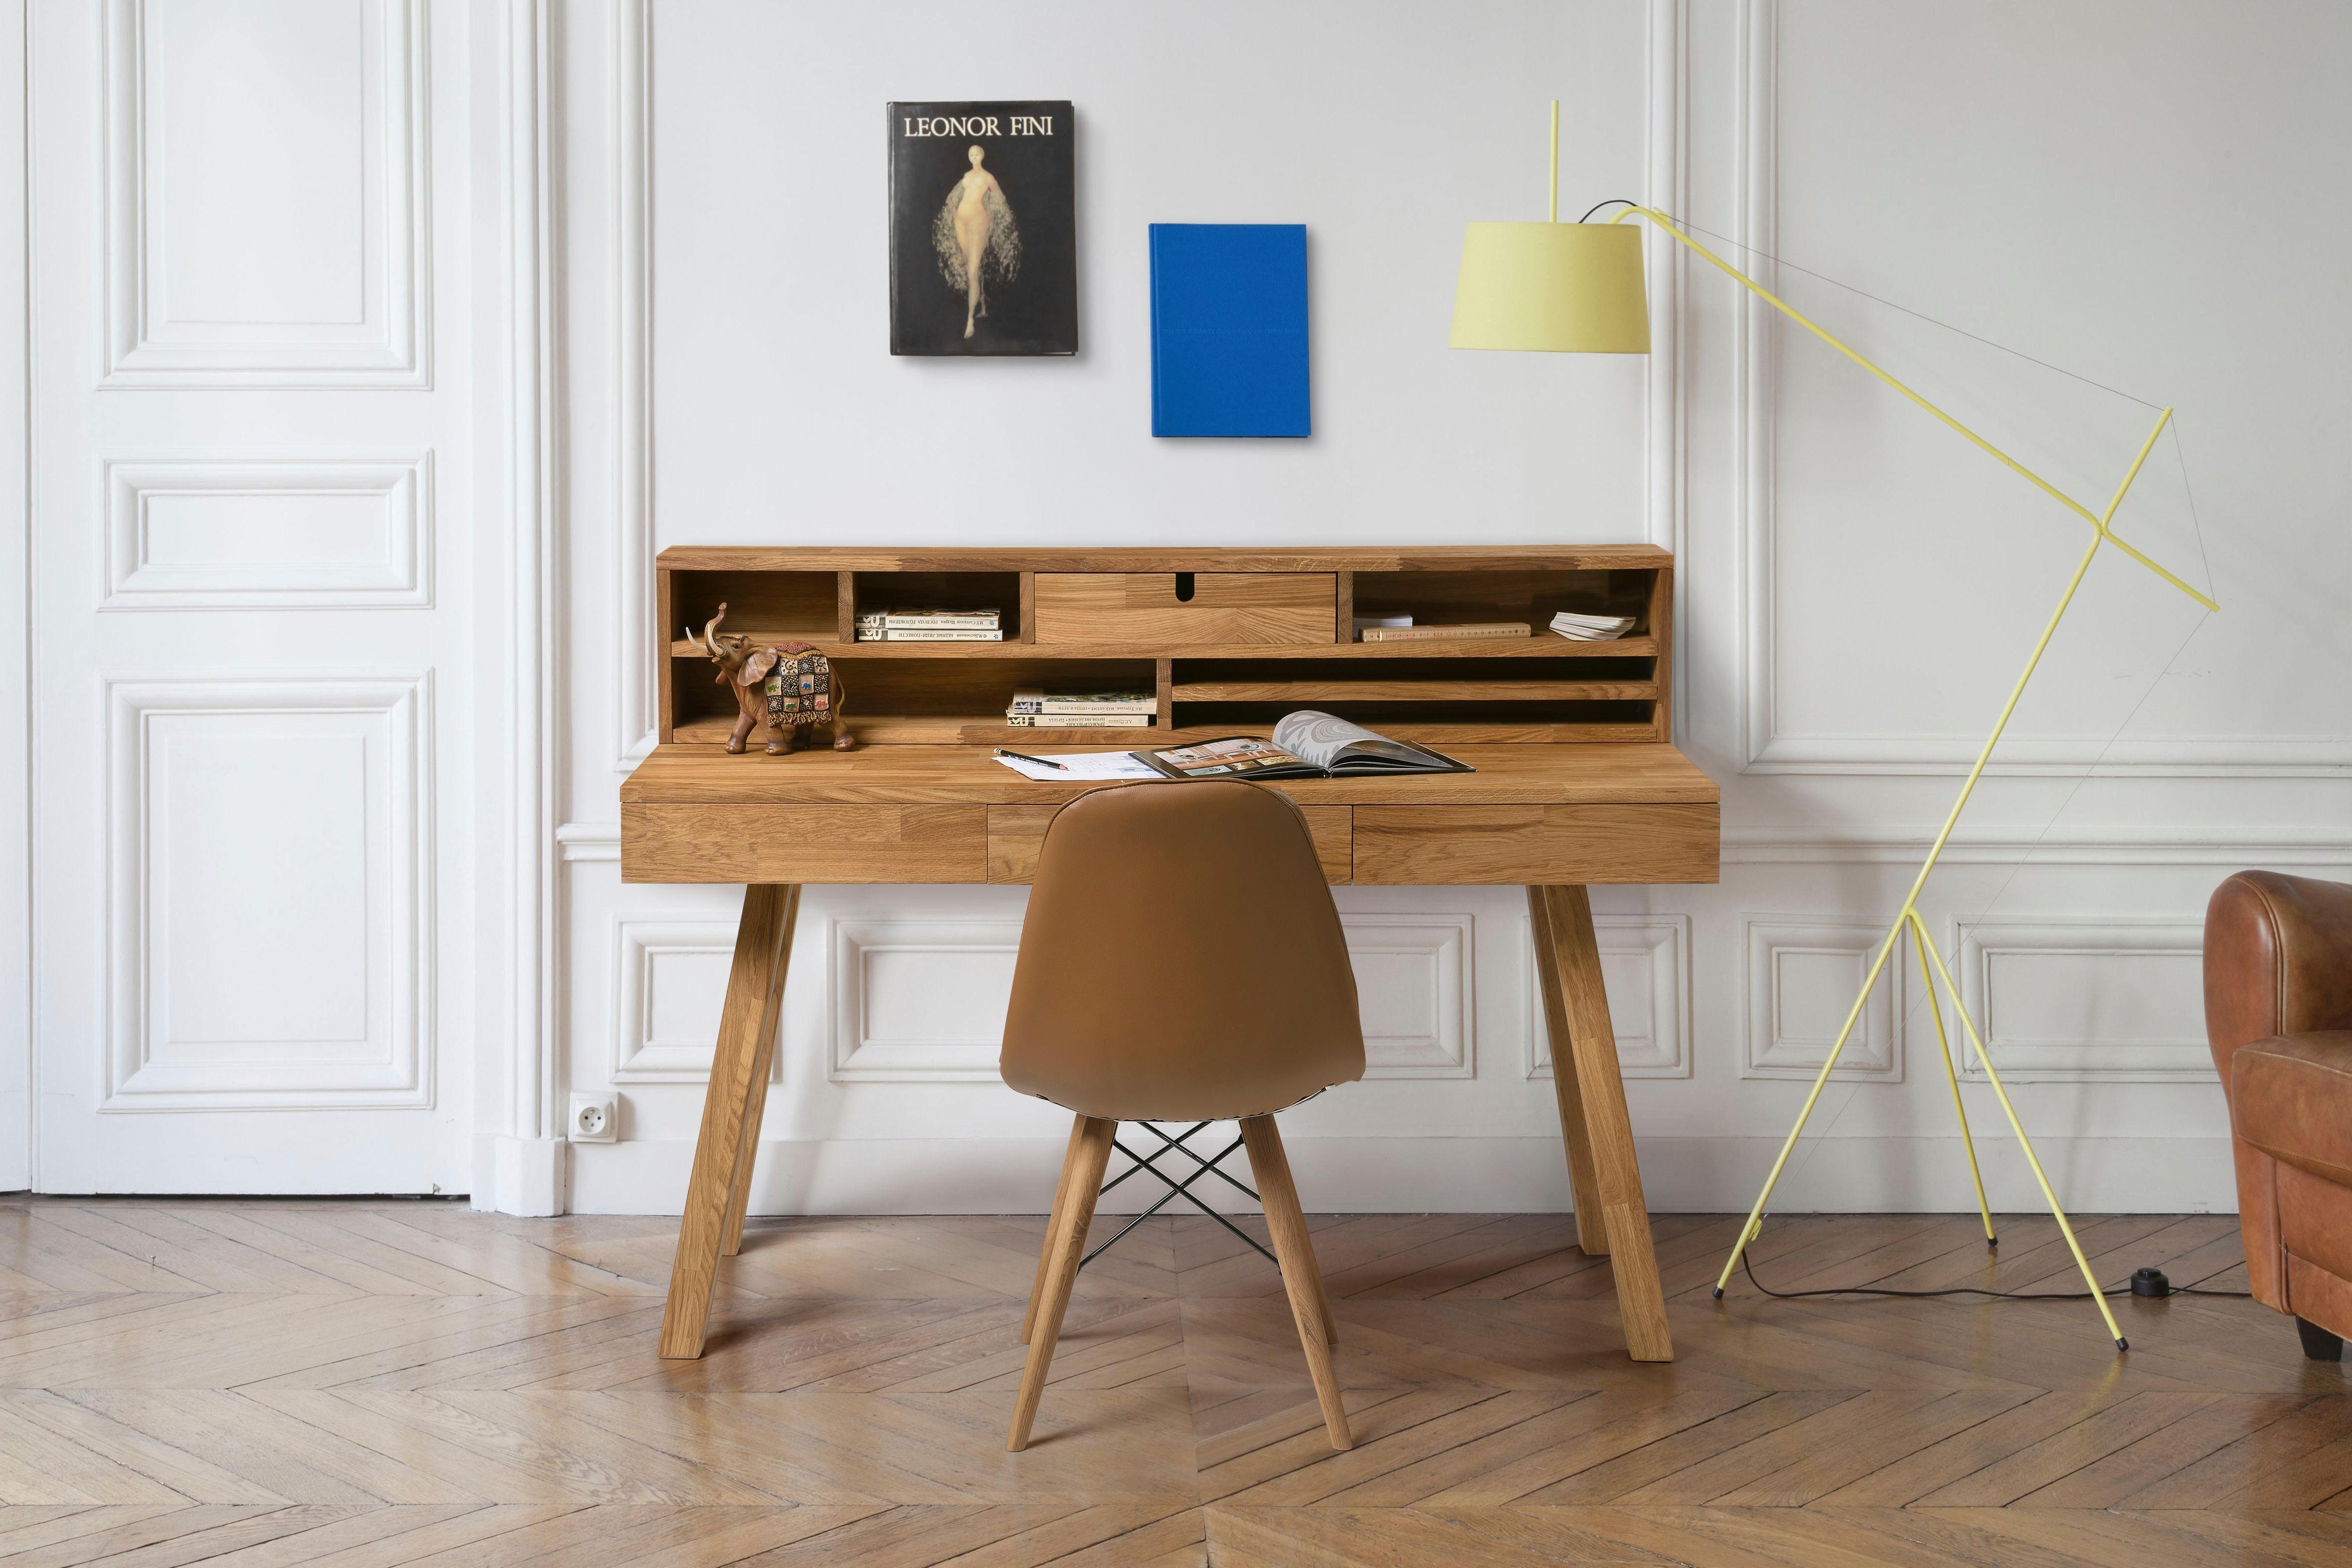 Home affaire Sekretär »Ohu« aus massivem Eichenholz und viel Stauraummöglichkeiten, Breite 140 cm